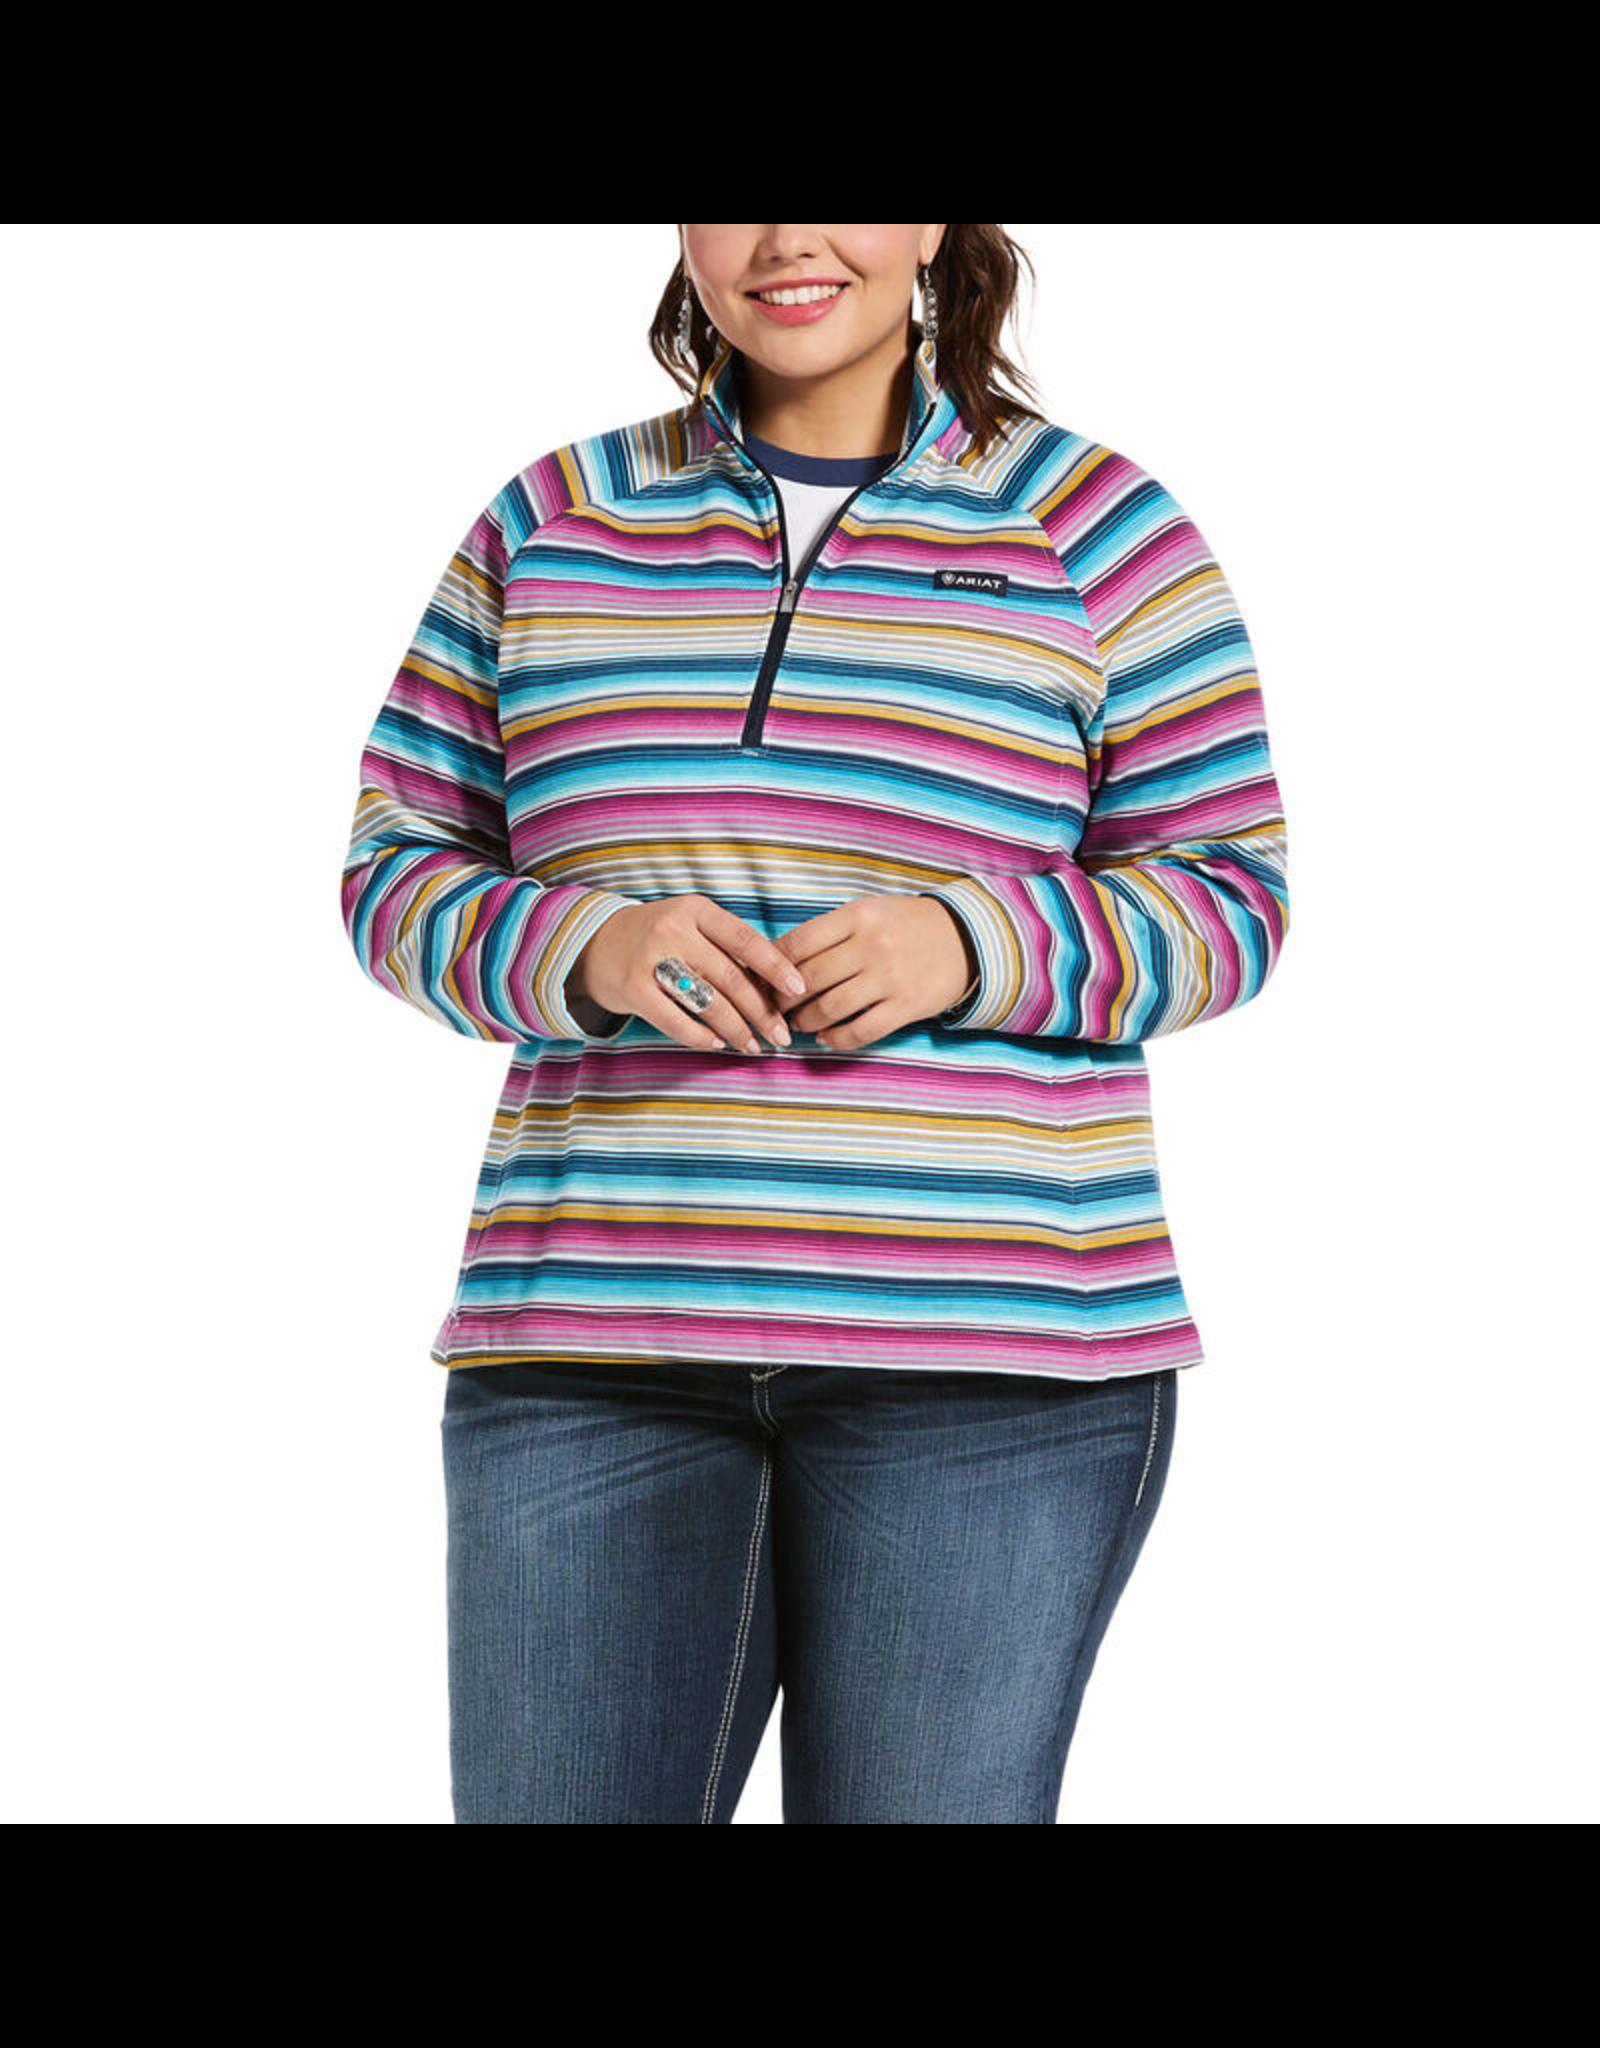 Ariat Ariat REAL Comfort 1/2 Zip Sweatshirt